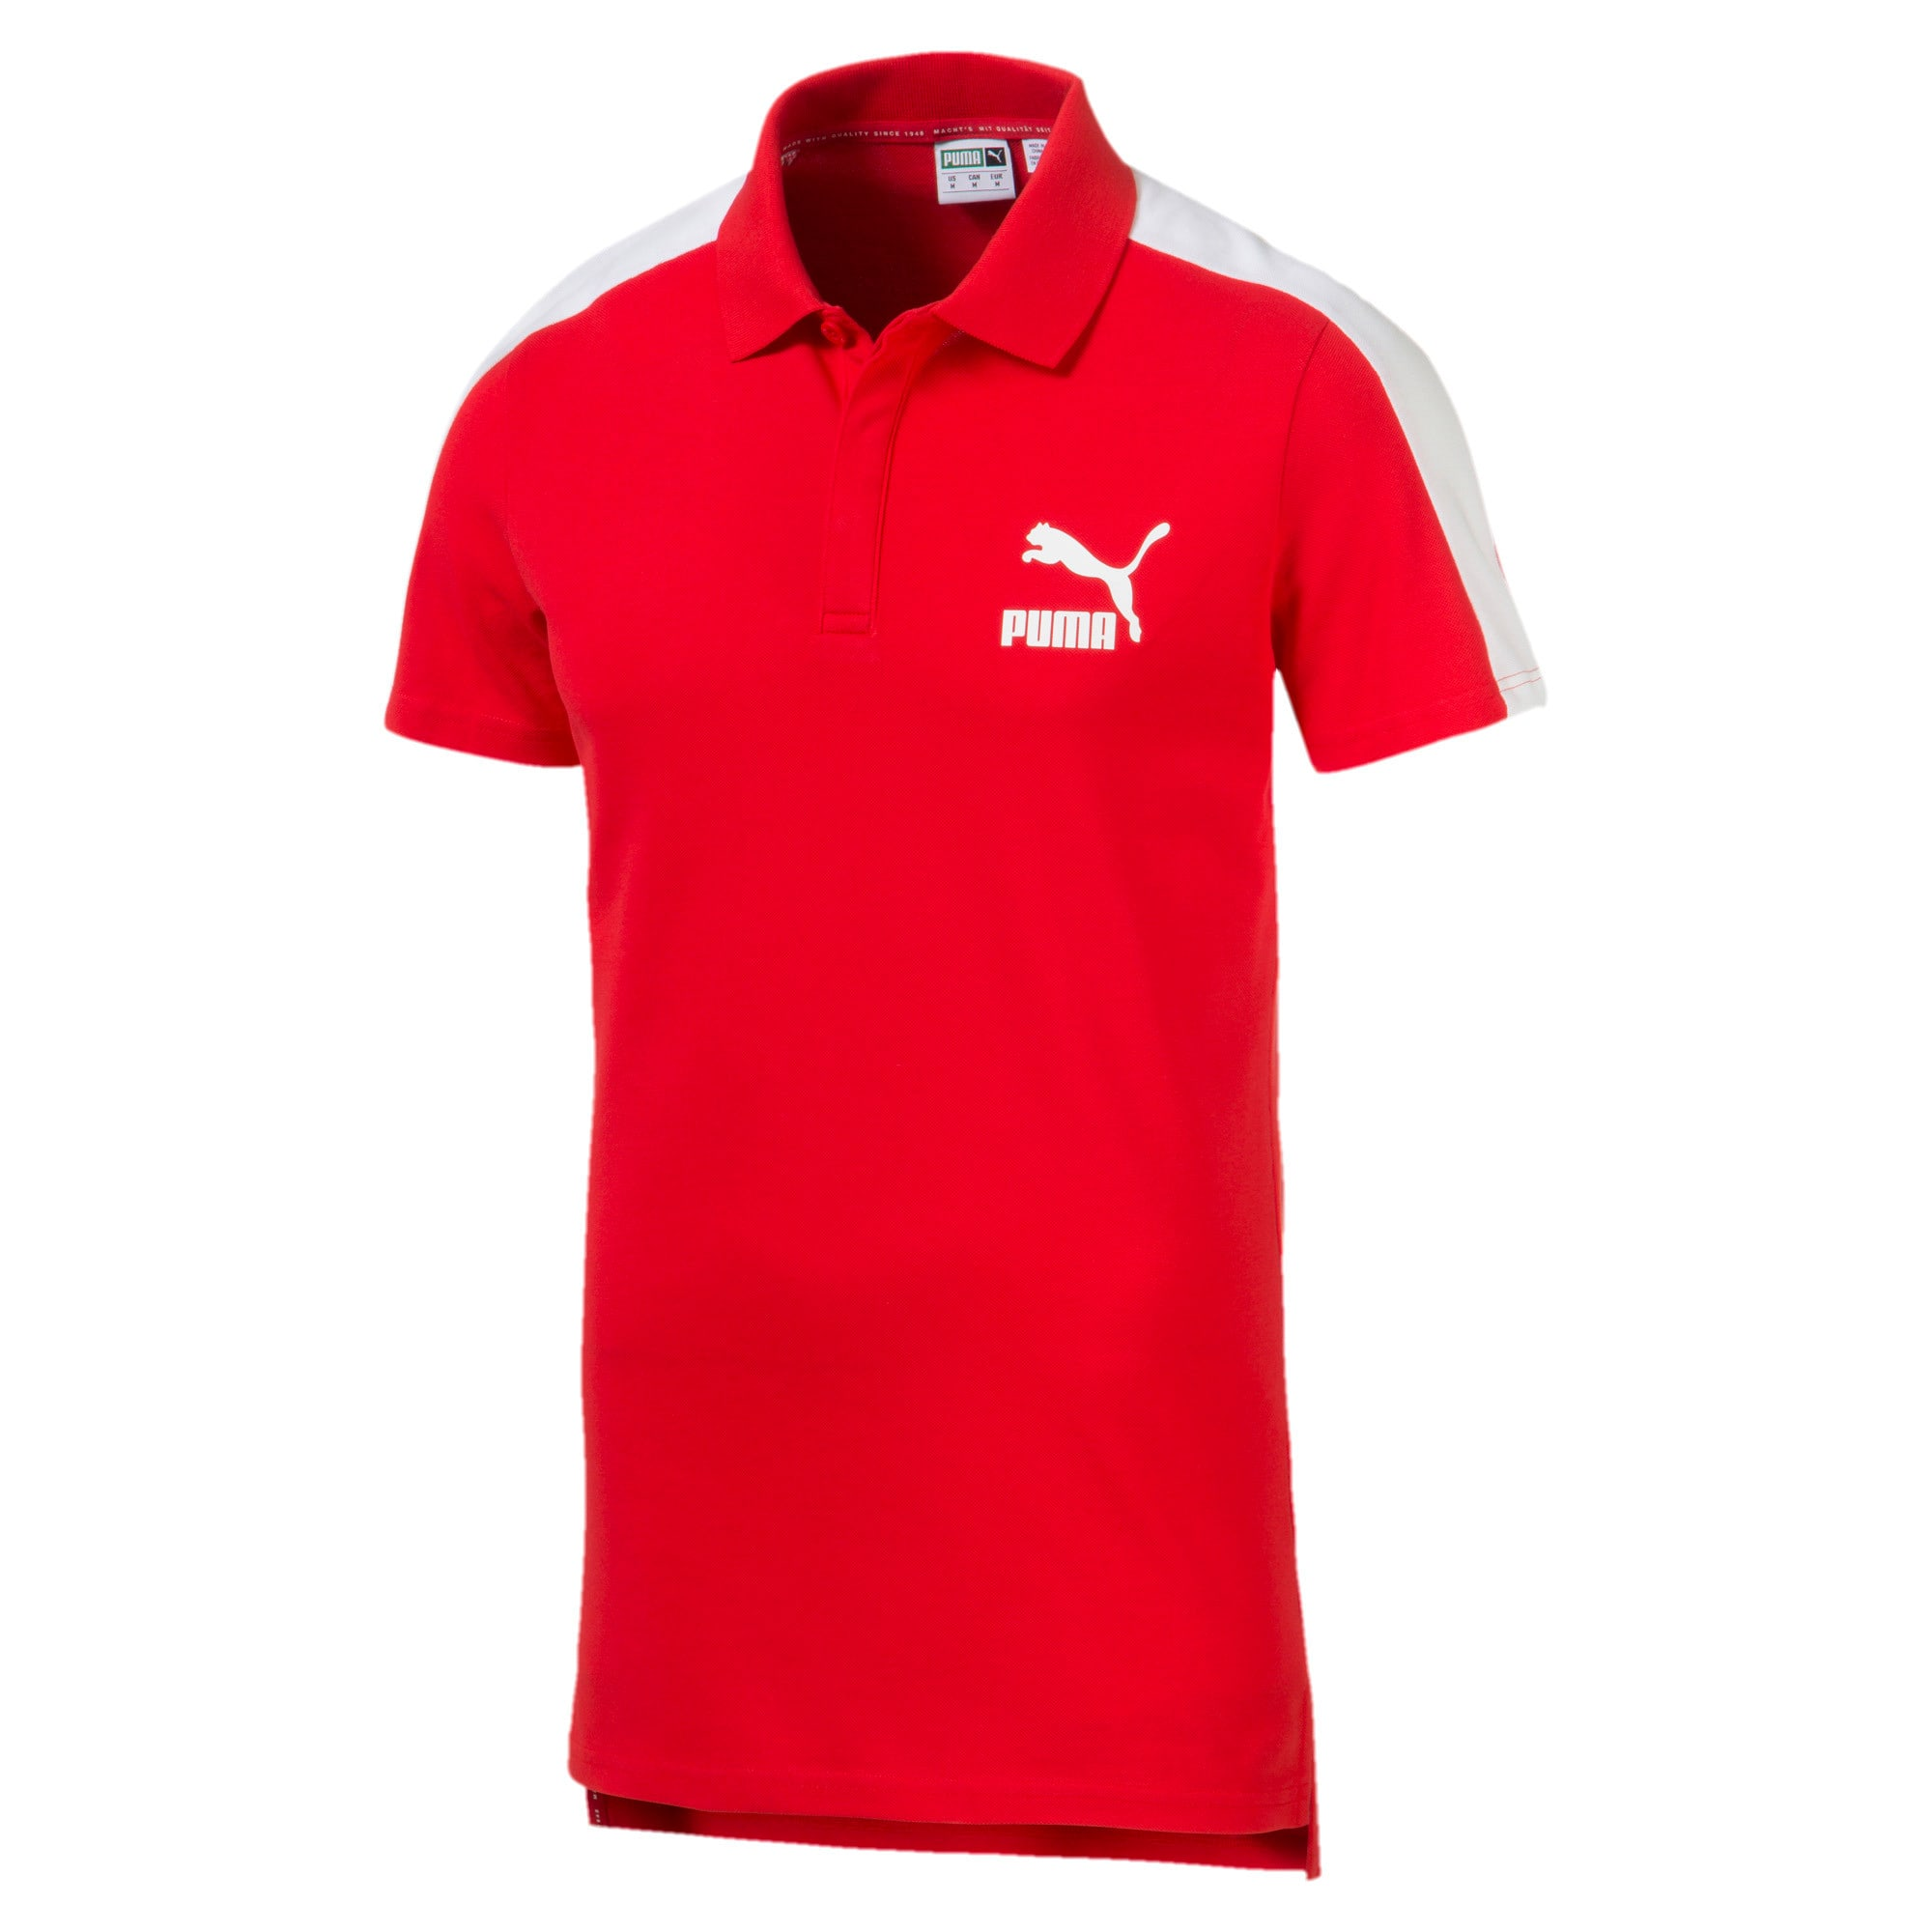 Miniatura 1 de Camiseta tipo polo T7 icónica para hombre, High Risk Red, mediano